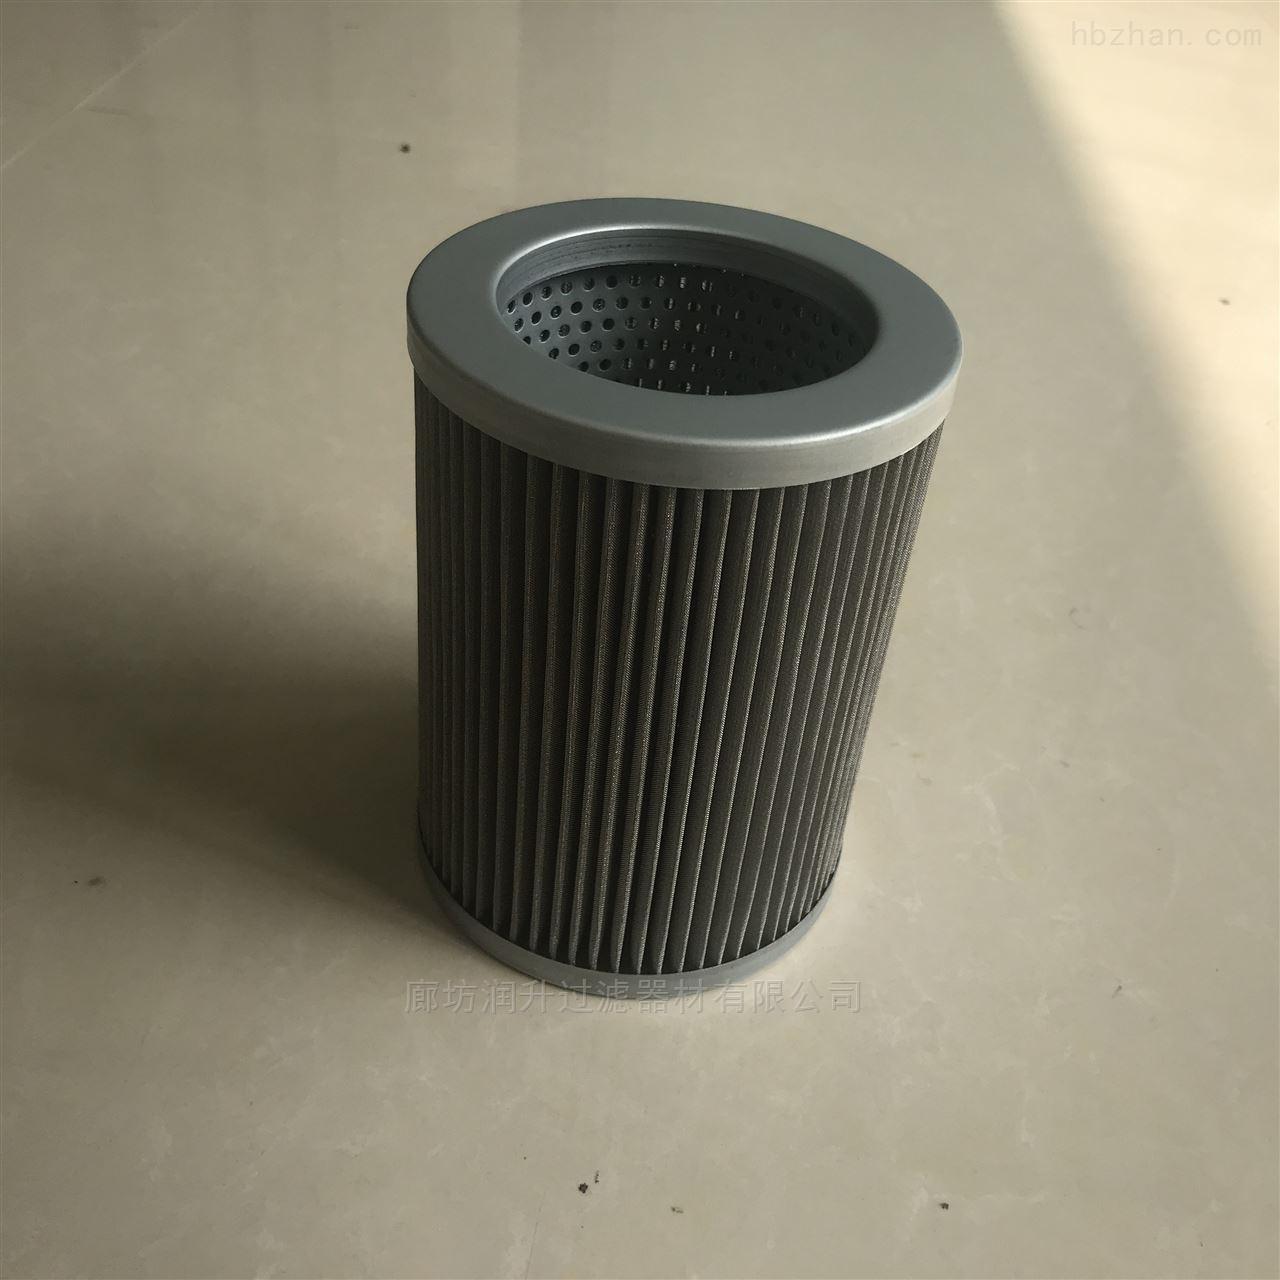 伊犁DFM40PP005A01滤芯报价